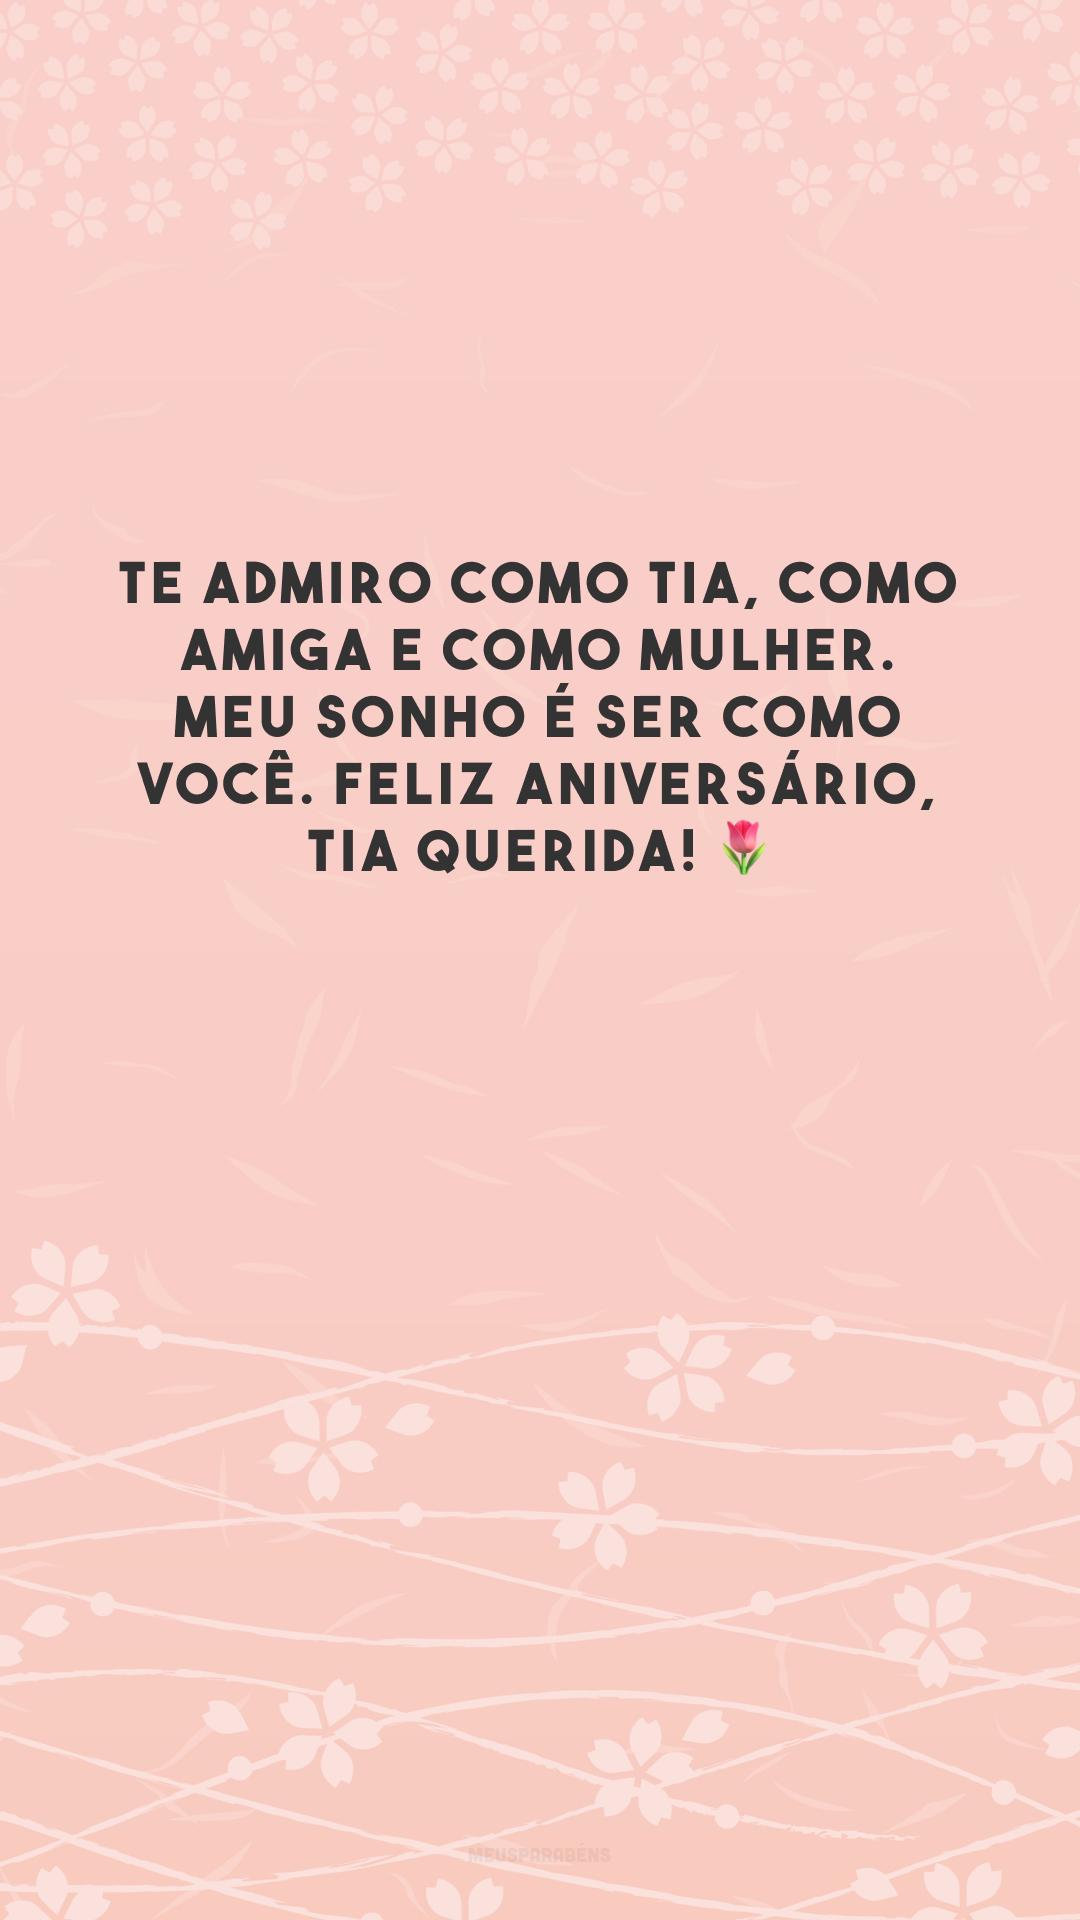 Te admiro como tia, como amiga e como mulher. Meu sonho é ser como você. Feliz aniversário, tia querida! 🌷